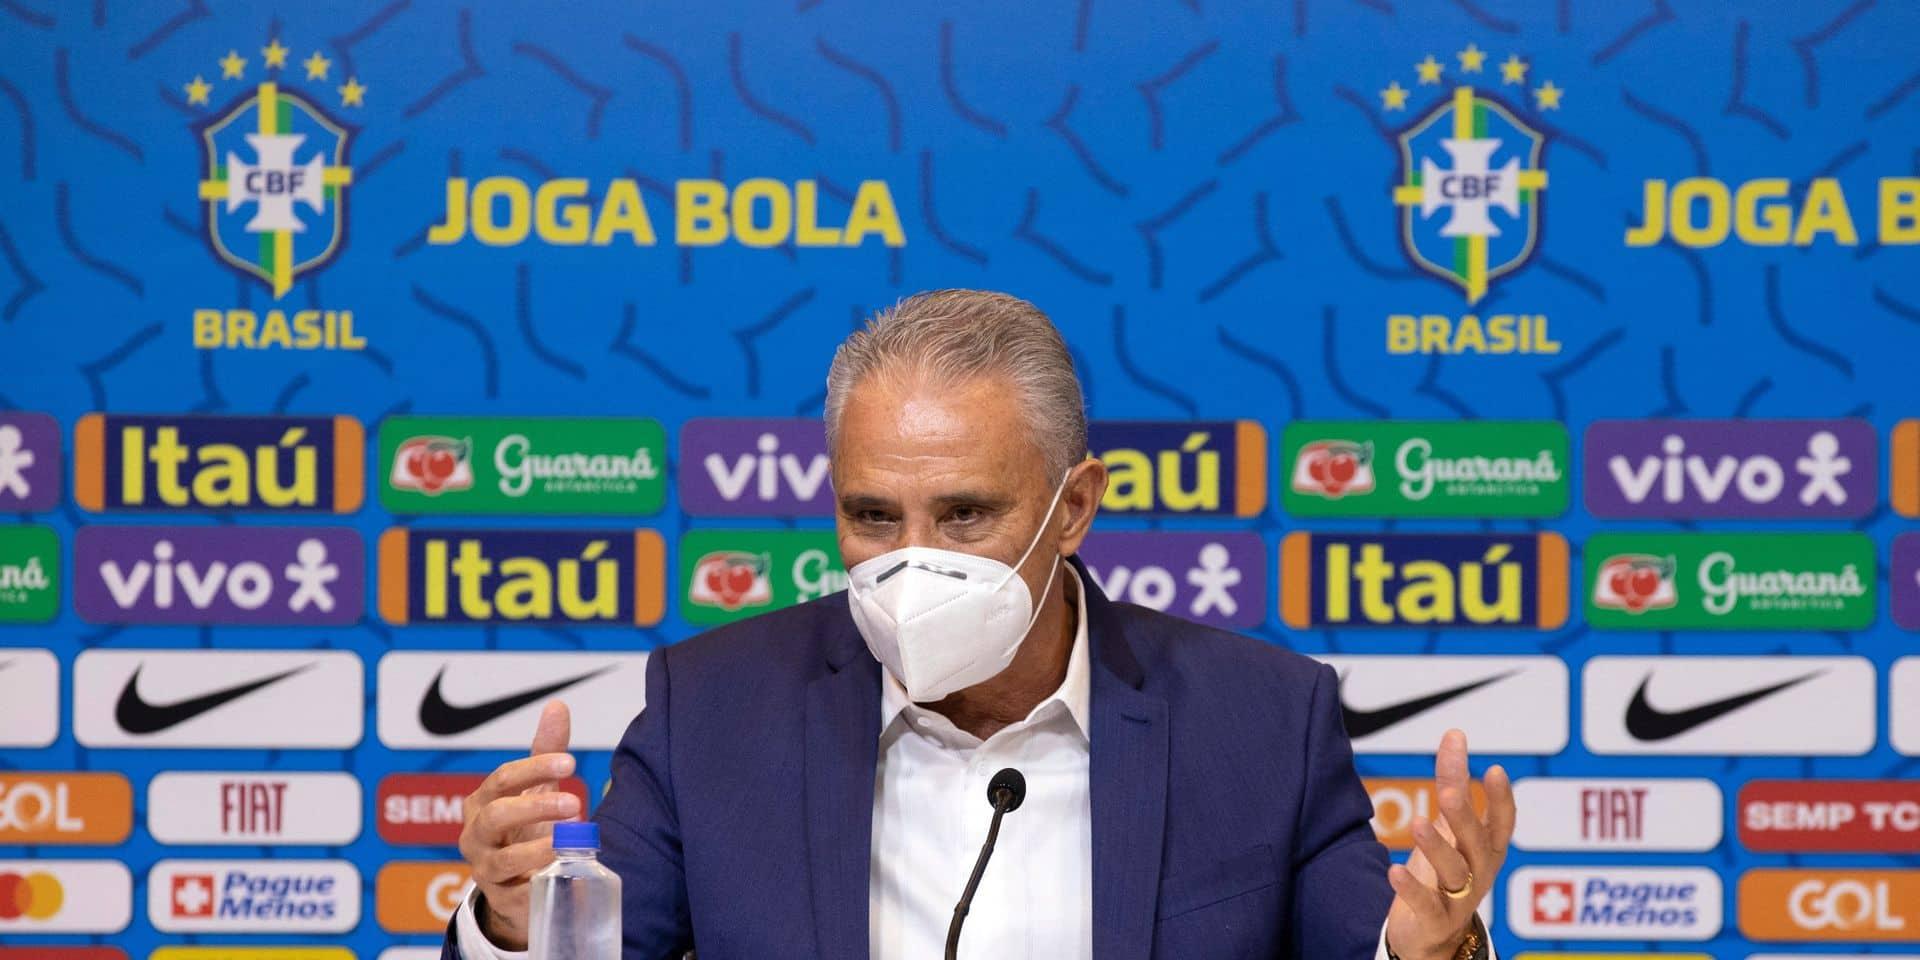 Scandale en vue à la Copa America: les joueurs brésiliens voudraient boycotter la compétition